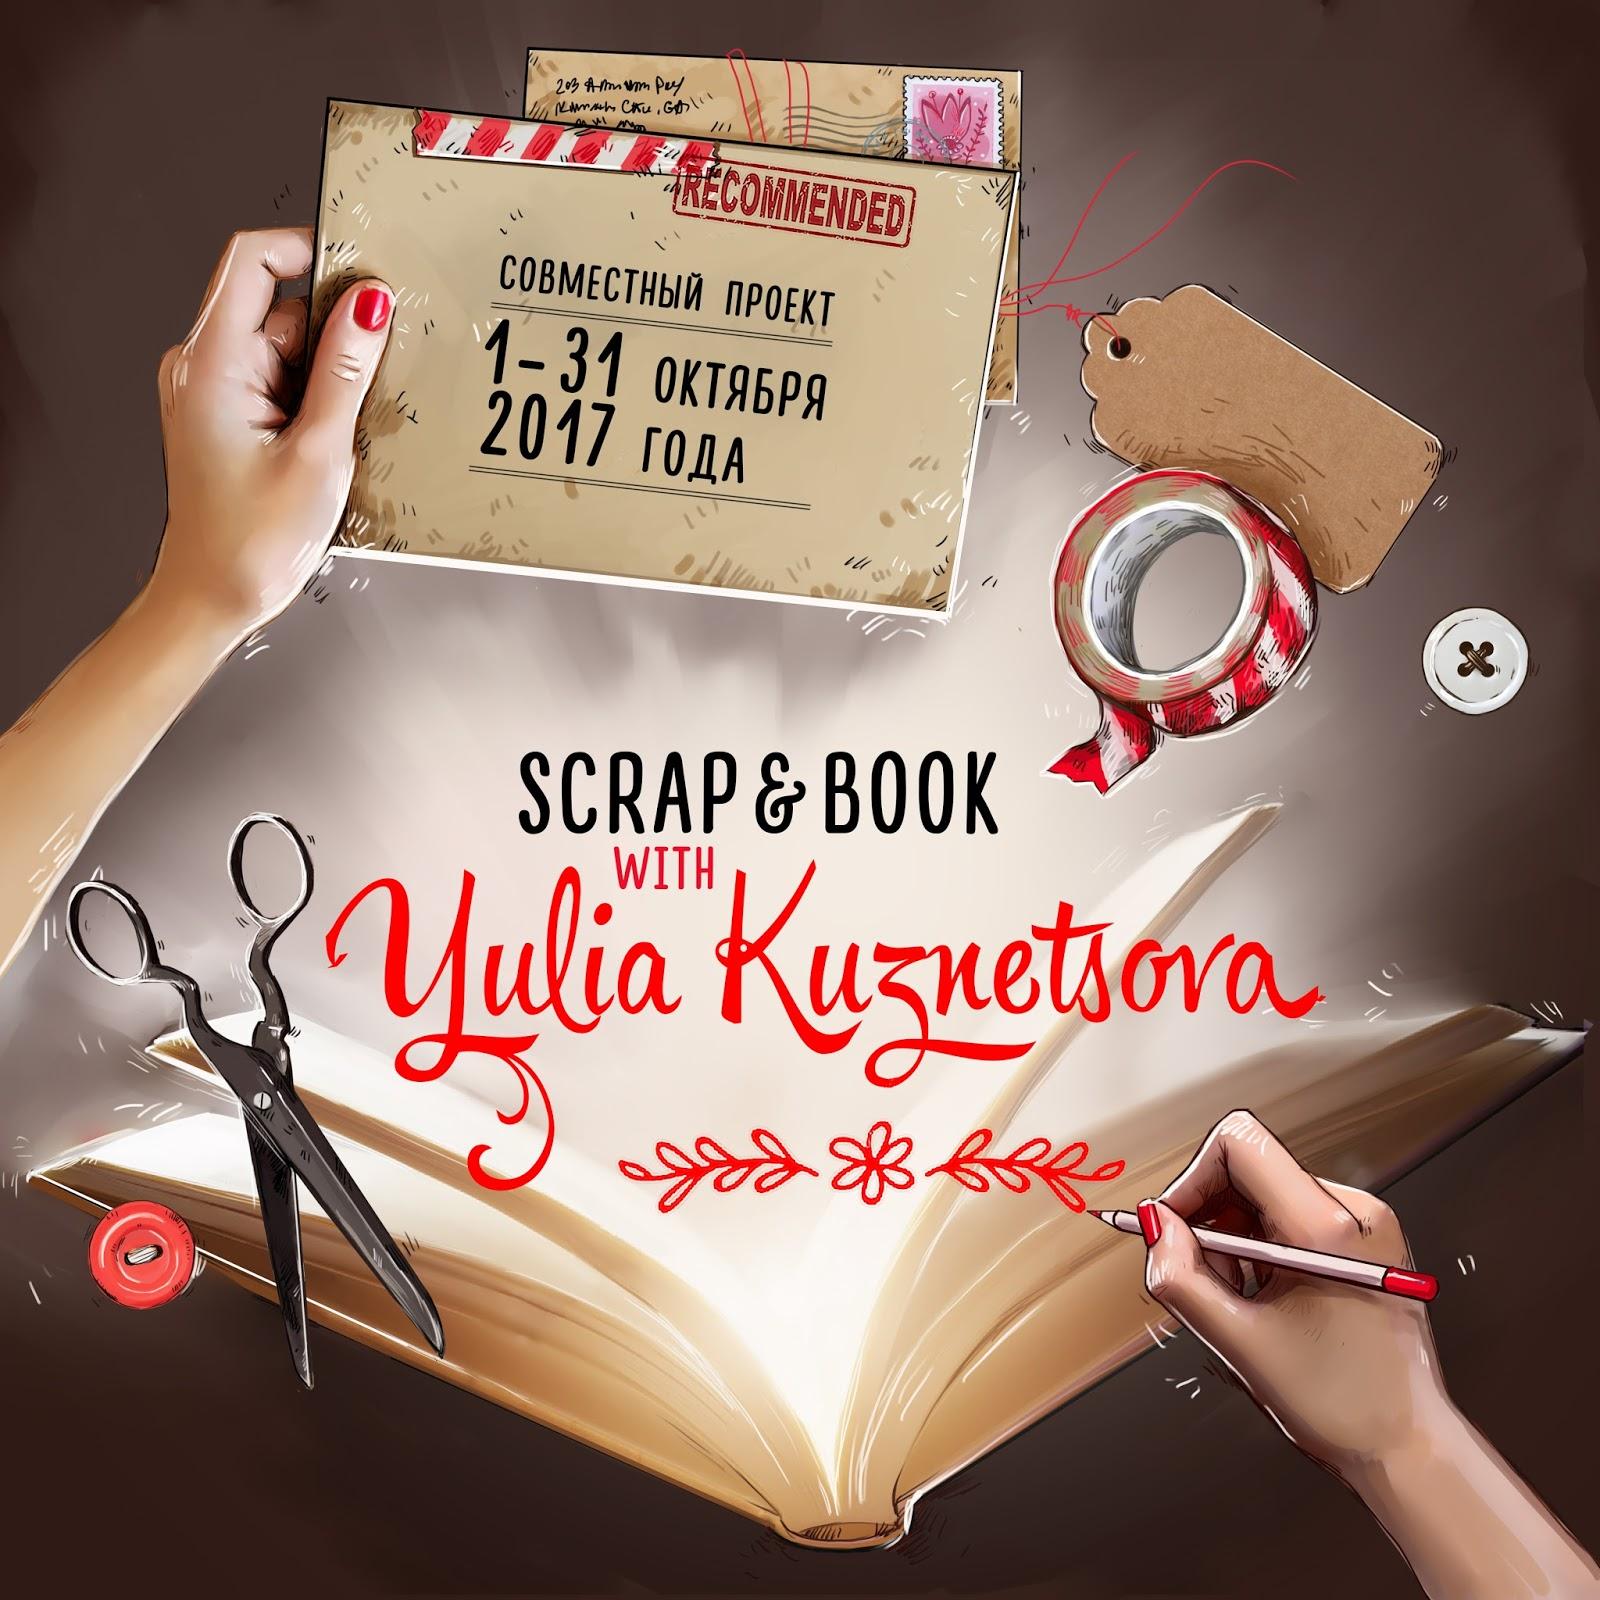 СП Scrap and book